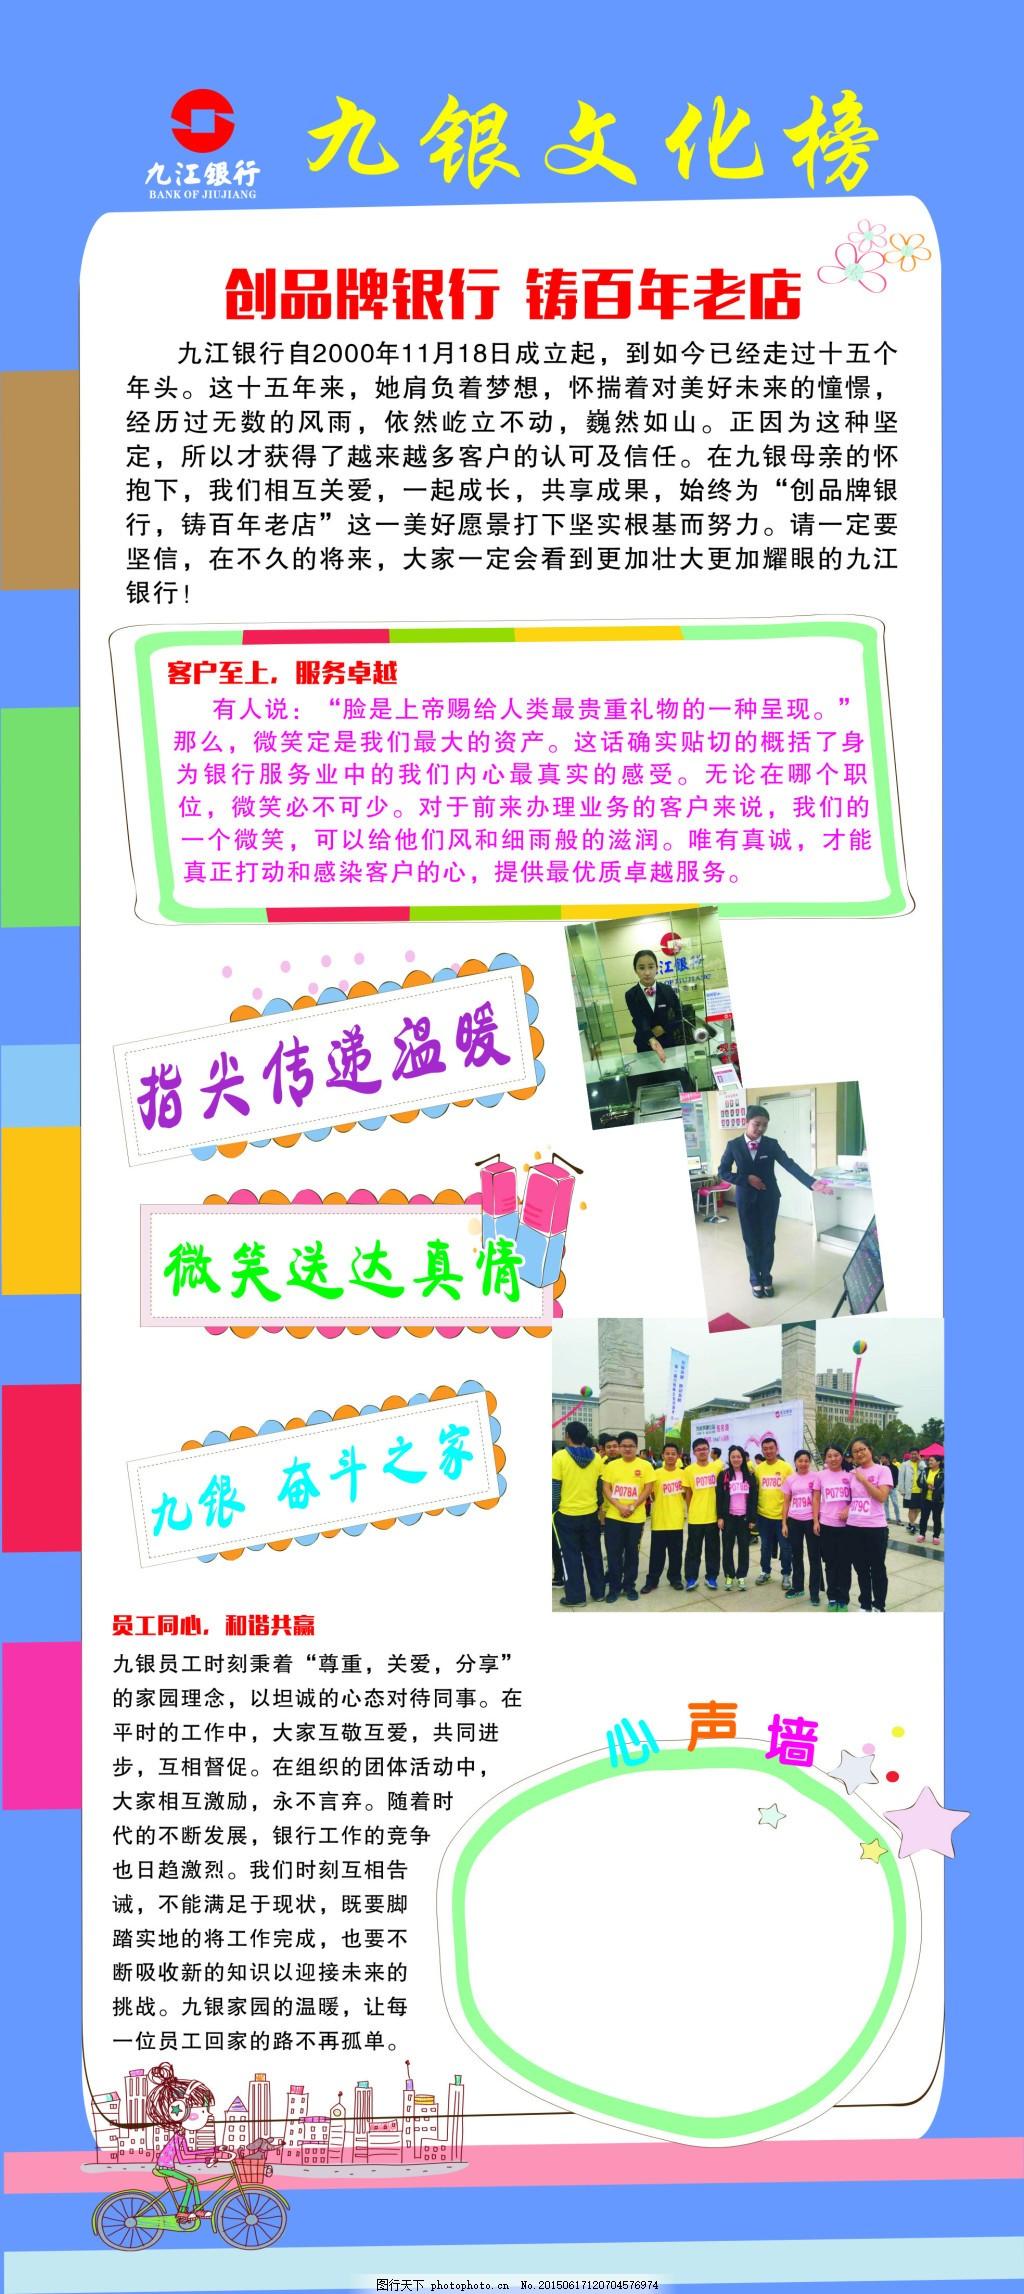 九江银行文化板 板报 彩色横条背景 异形边框 白色图片